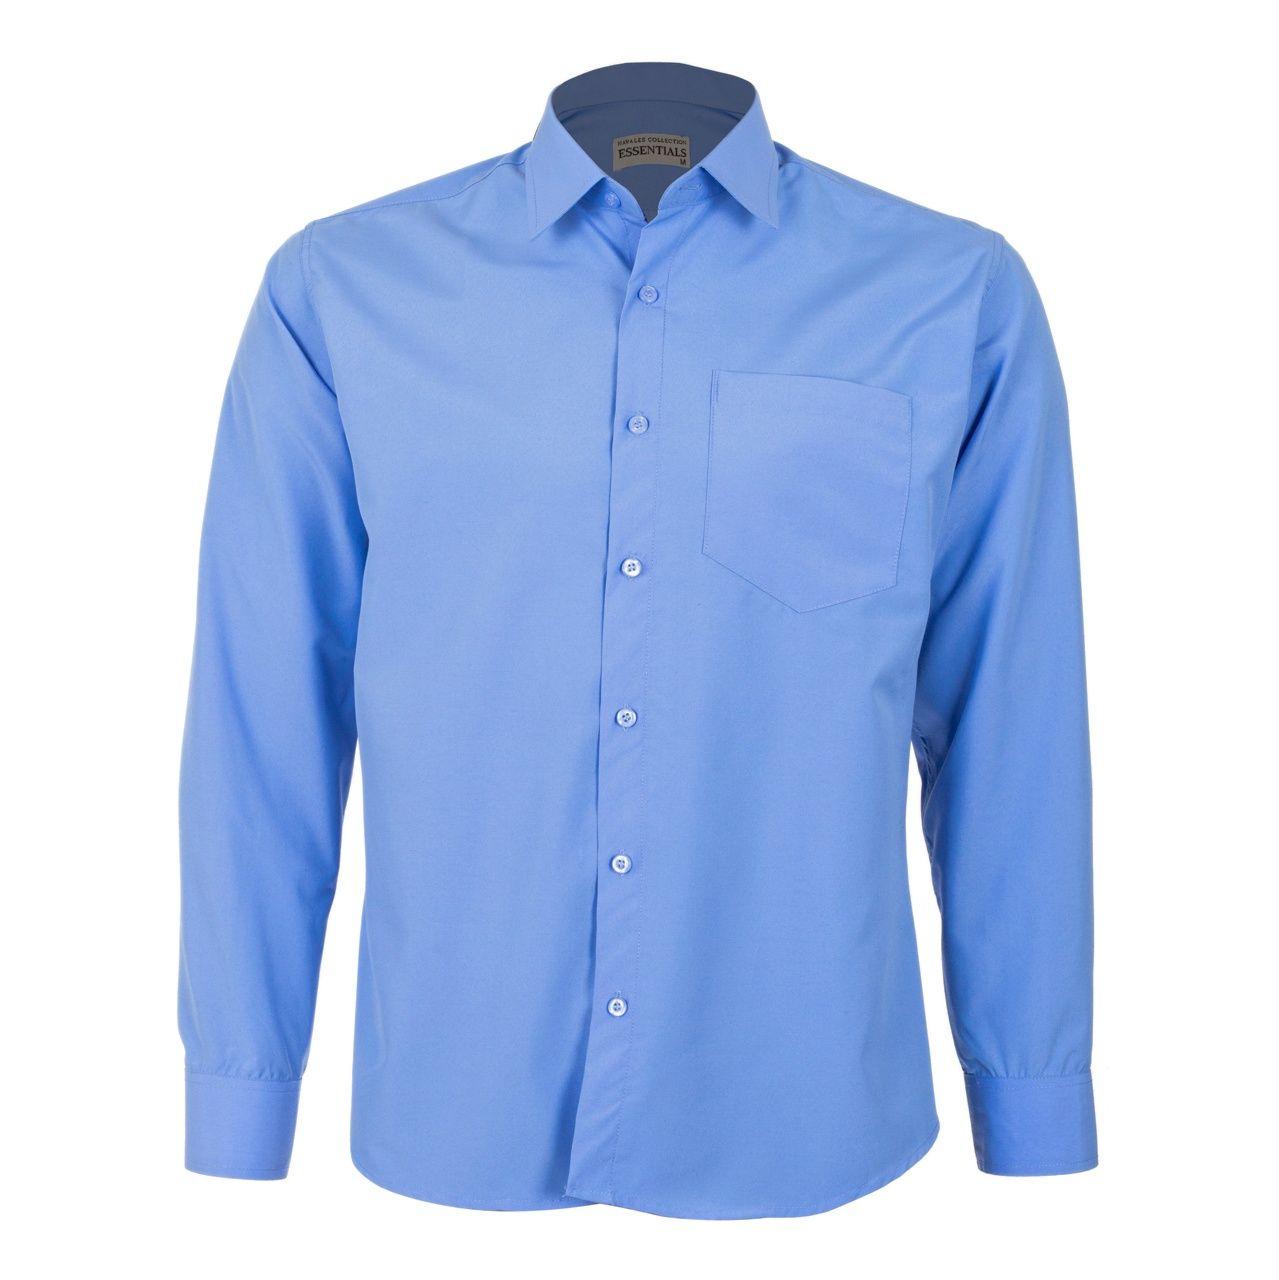 پیراهن مردانه ناوالس کد RegularFit-Tet-bl -  - 1